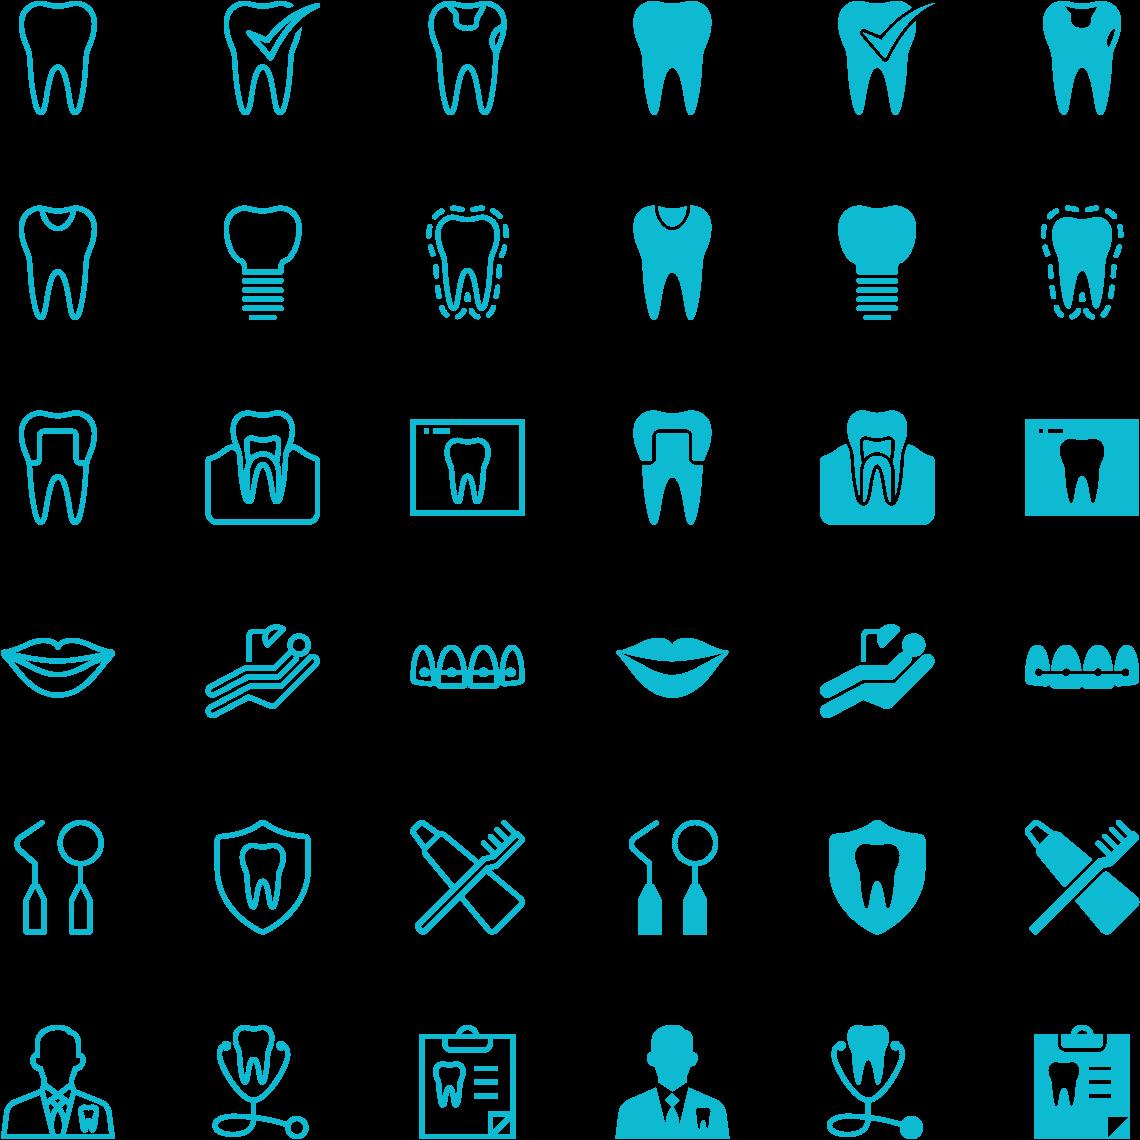 dental icon set 2 - dental-icon-set-2